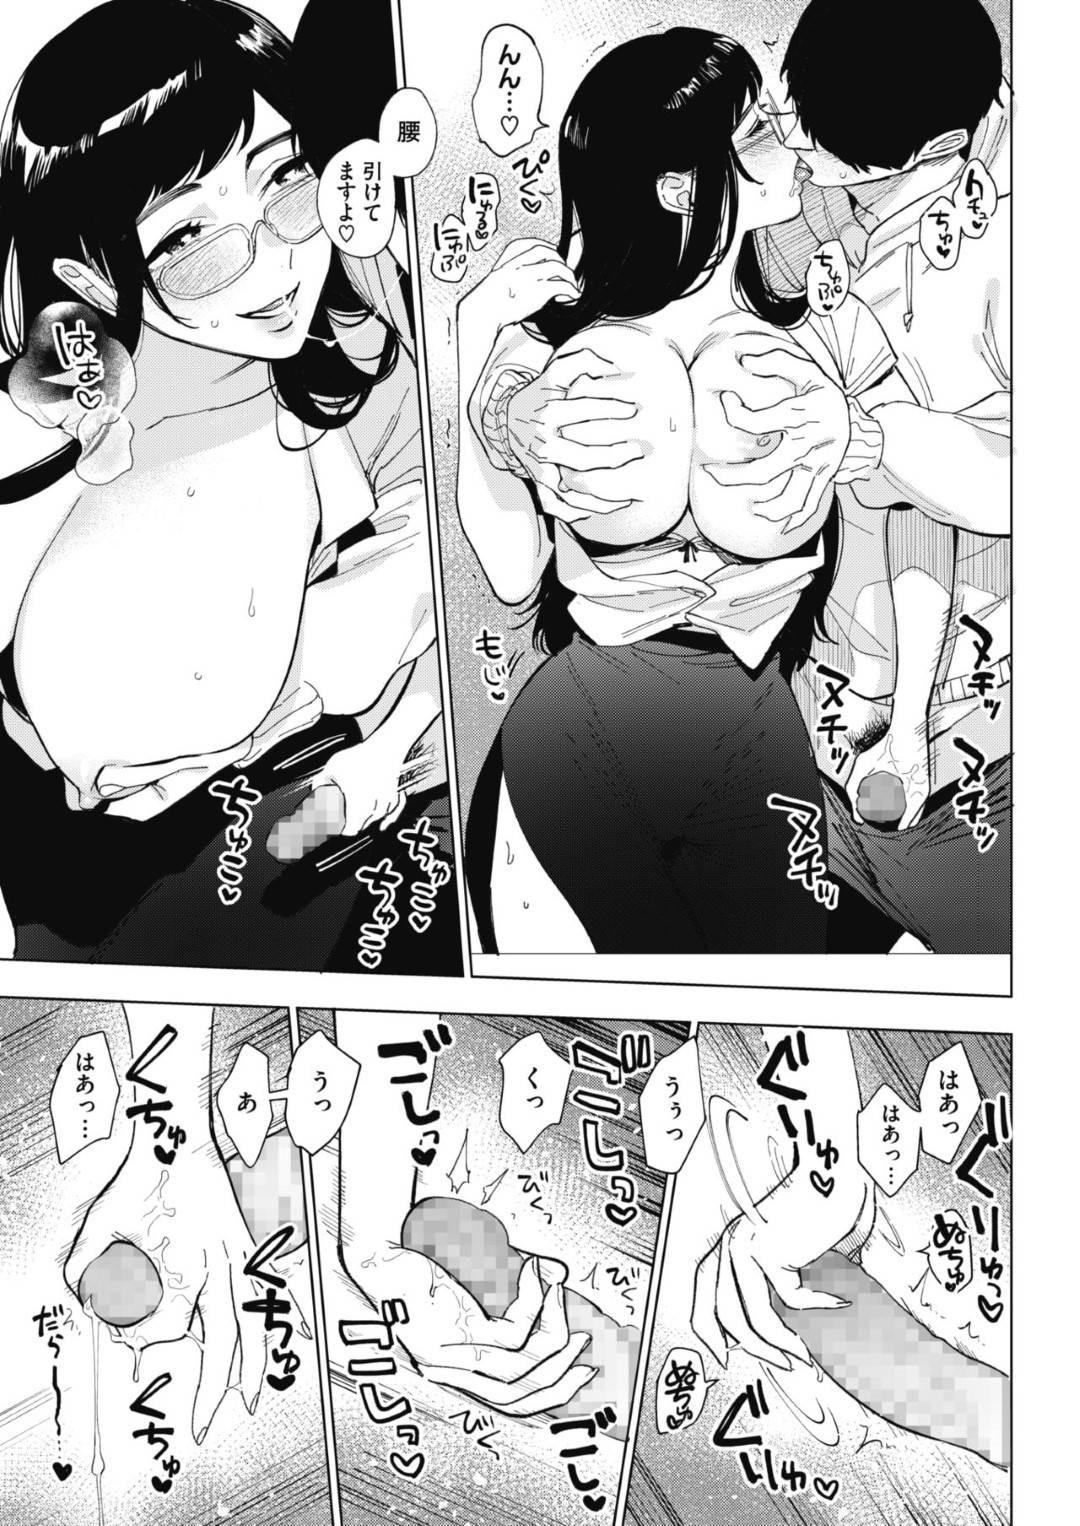 【エロ漫画】会社の飲み会でふと先輩のお姉さんが脇毛ふさふさな事に気づいた主人公。ふとトイレですれ違った時にその事を指摘するとエッチな雰囲気になっていき、脇毛の魅力を教えられると同時にトイレでそのままセックスしてしまう。